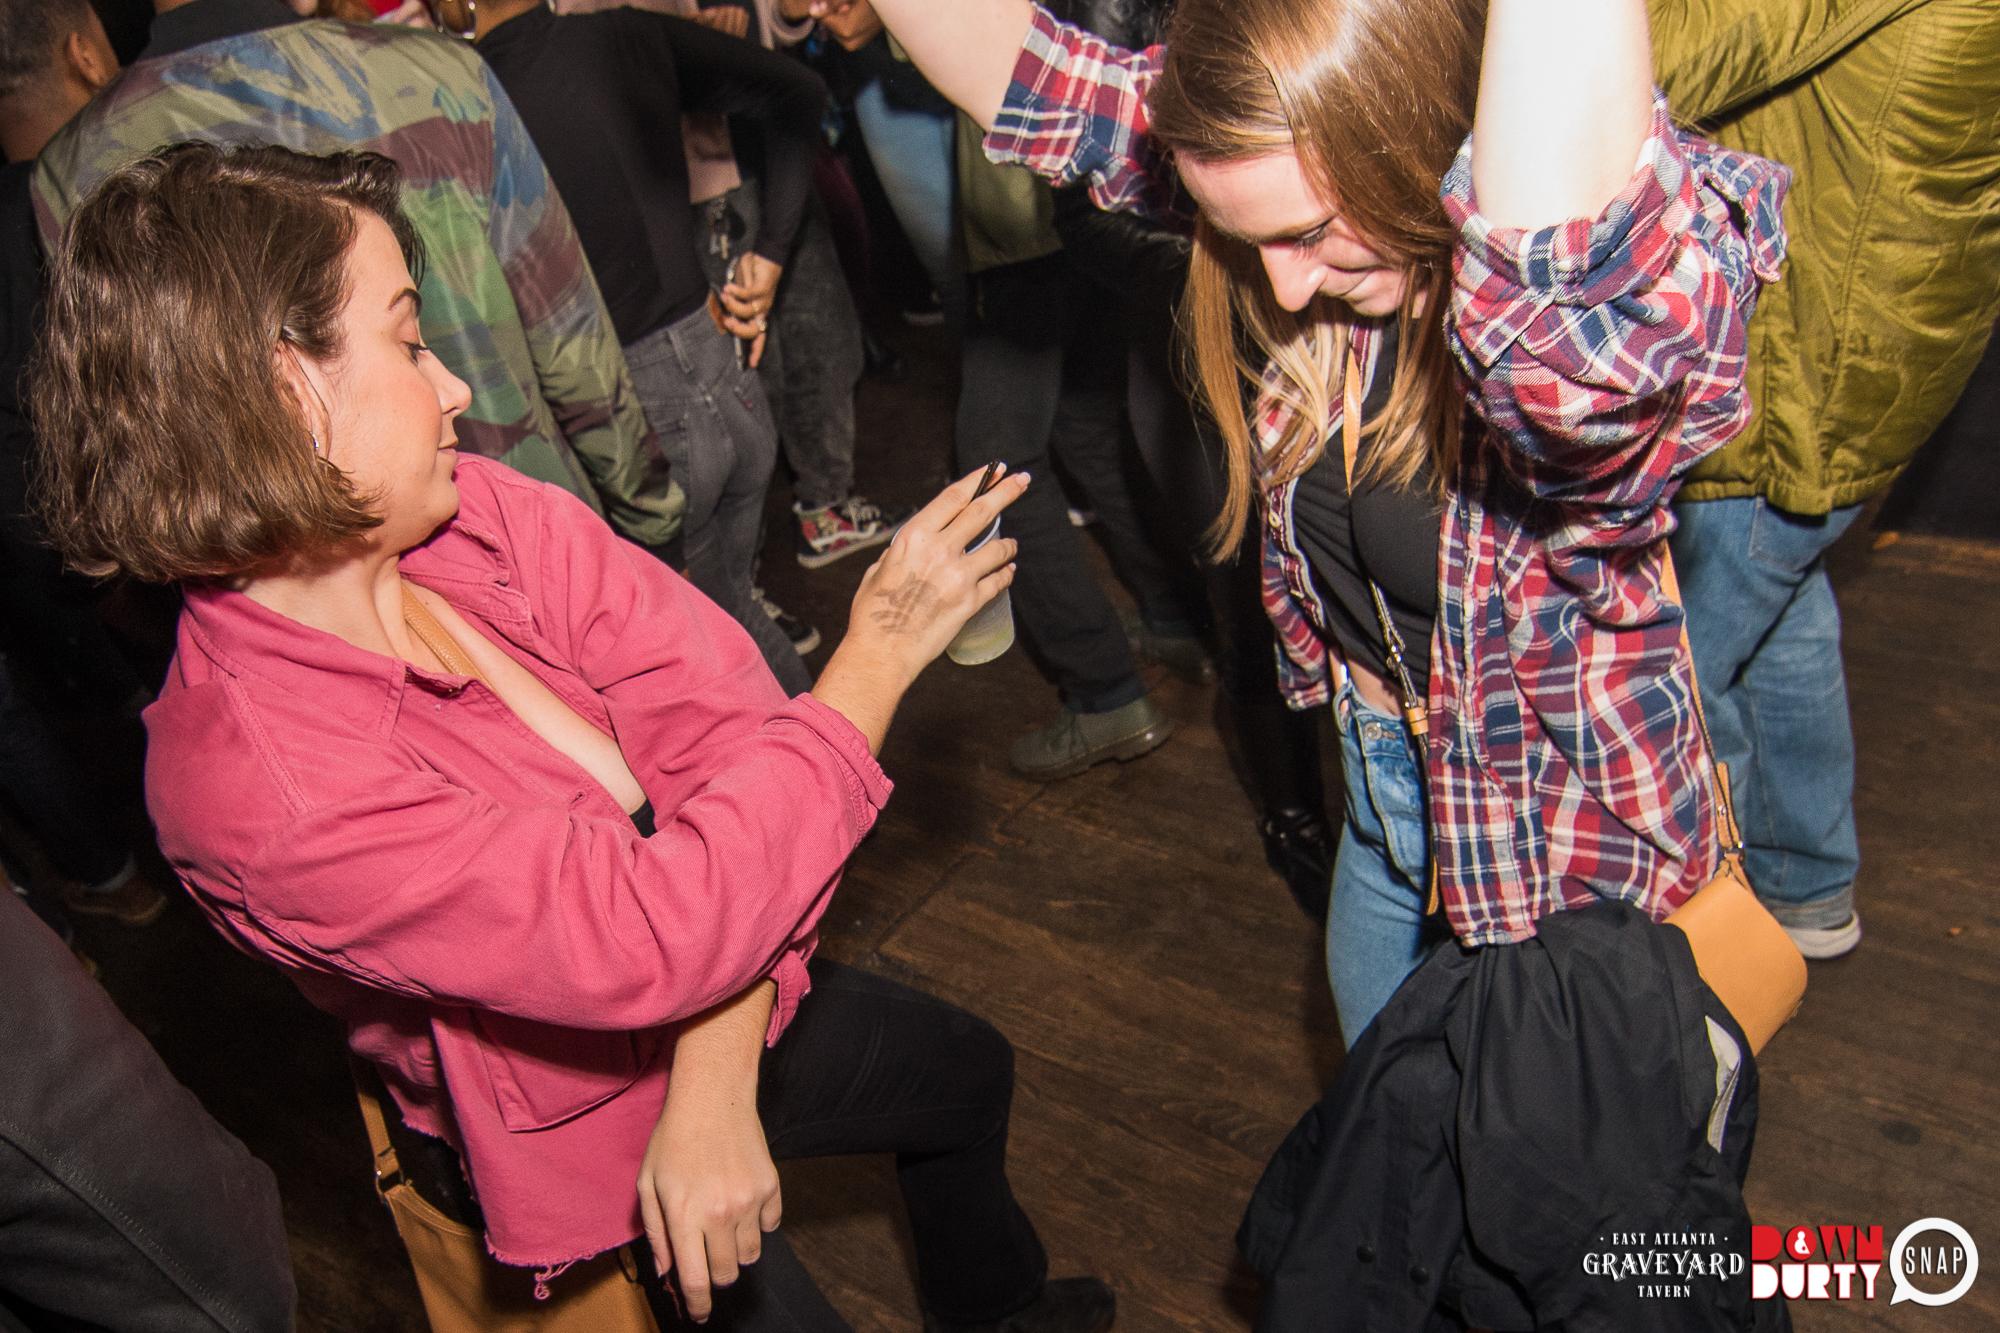 Down n Durty Stephanie Heath Dec 15 2018-26.jpg